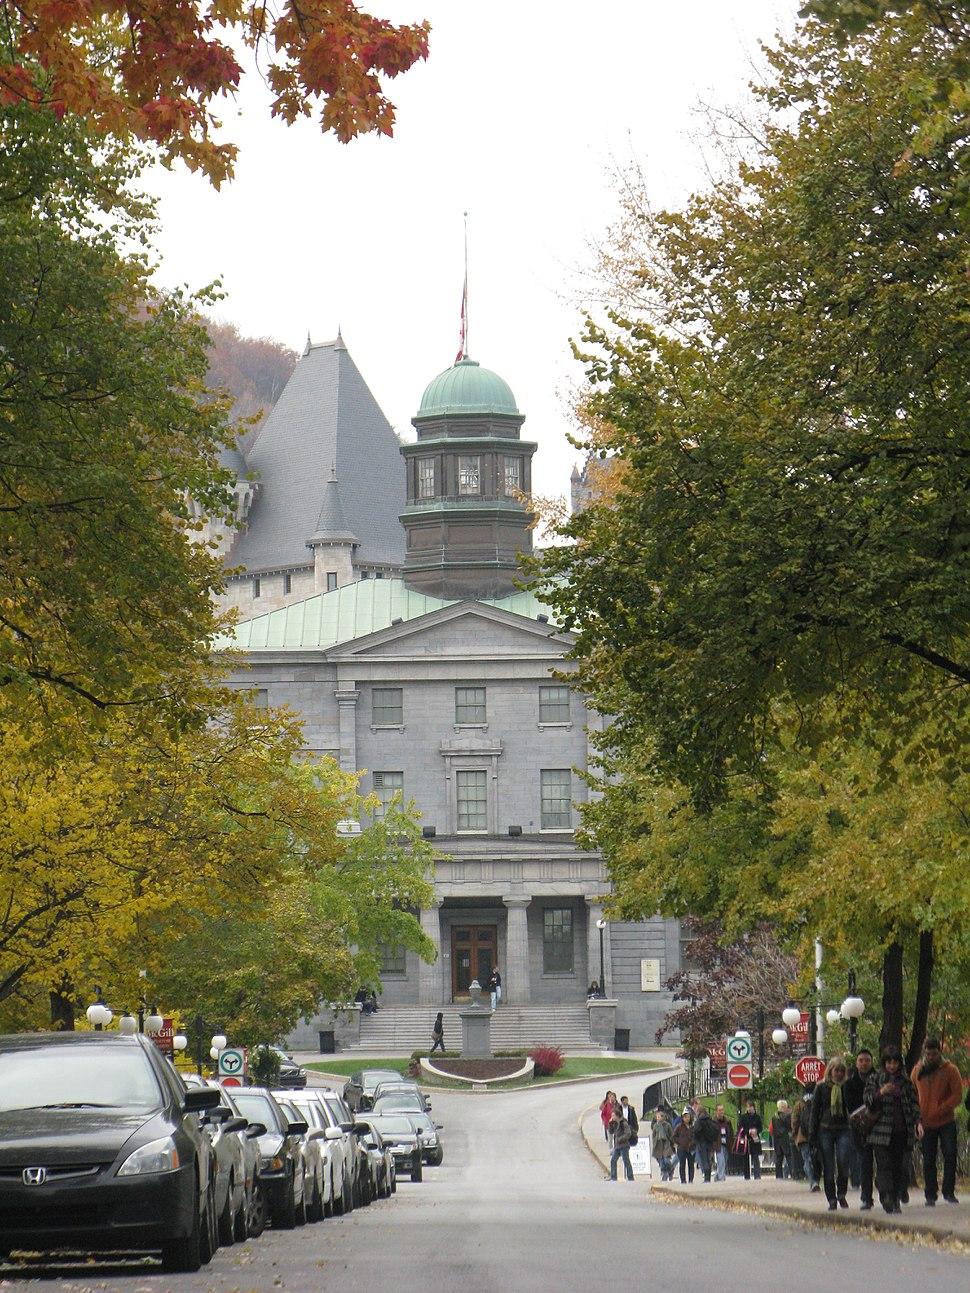 McGillArtsBuilding